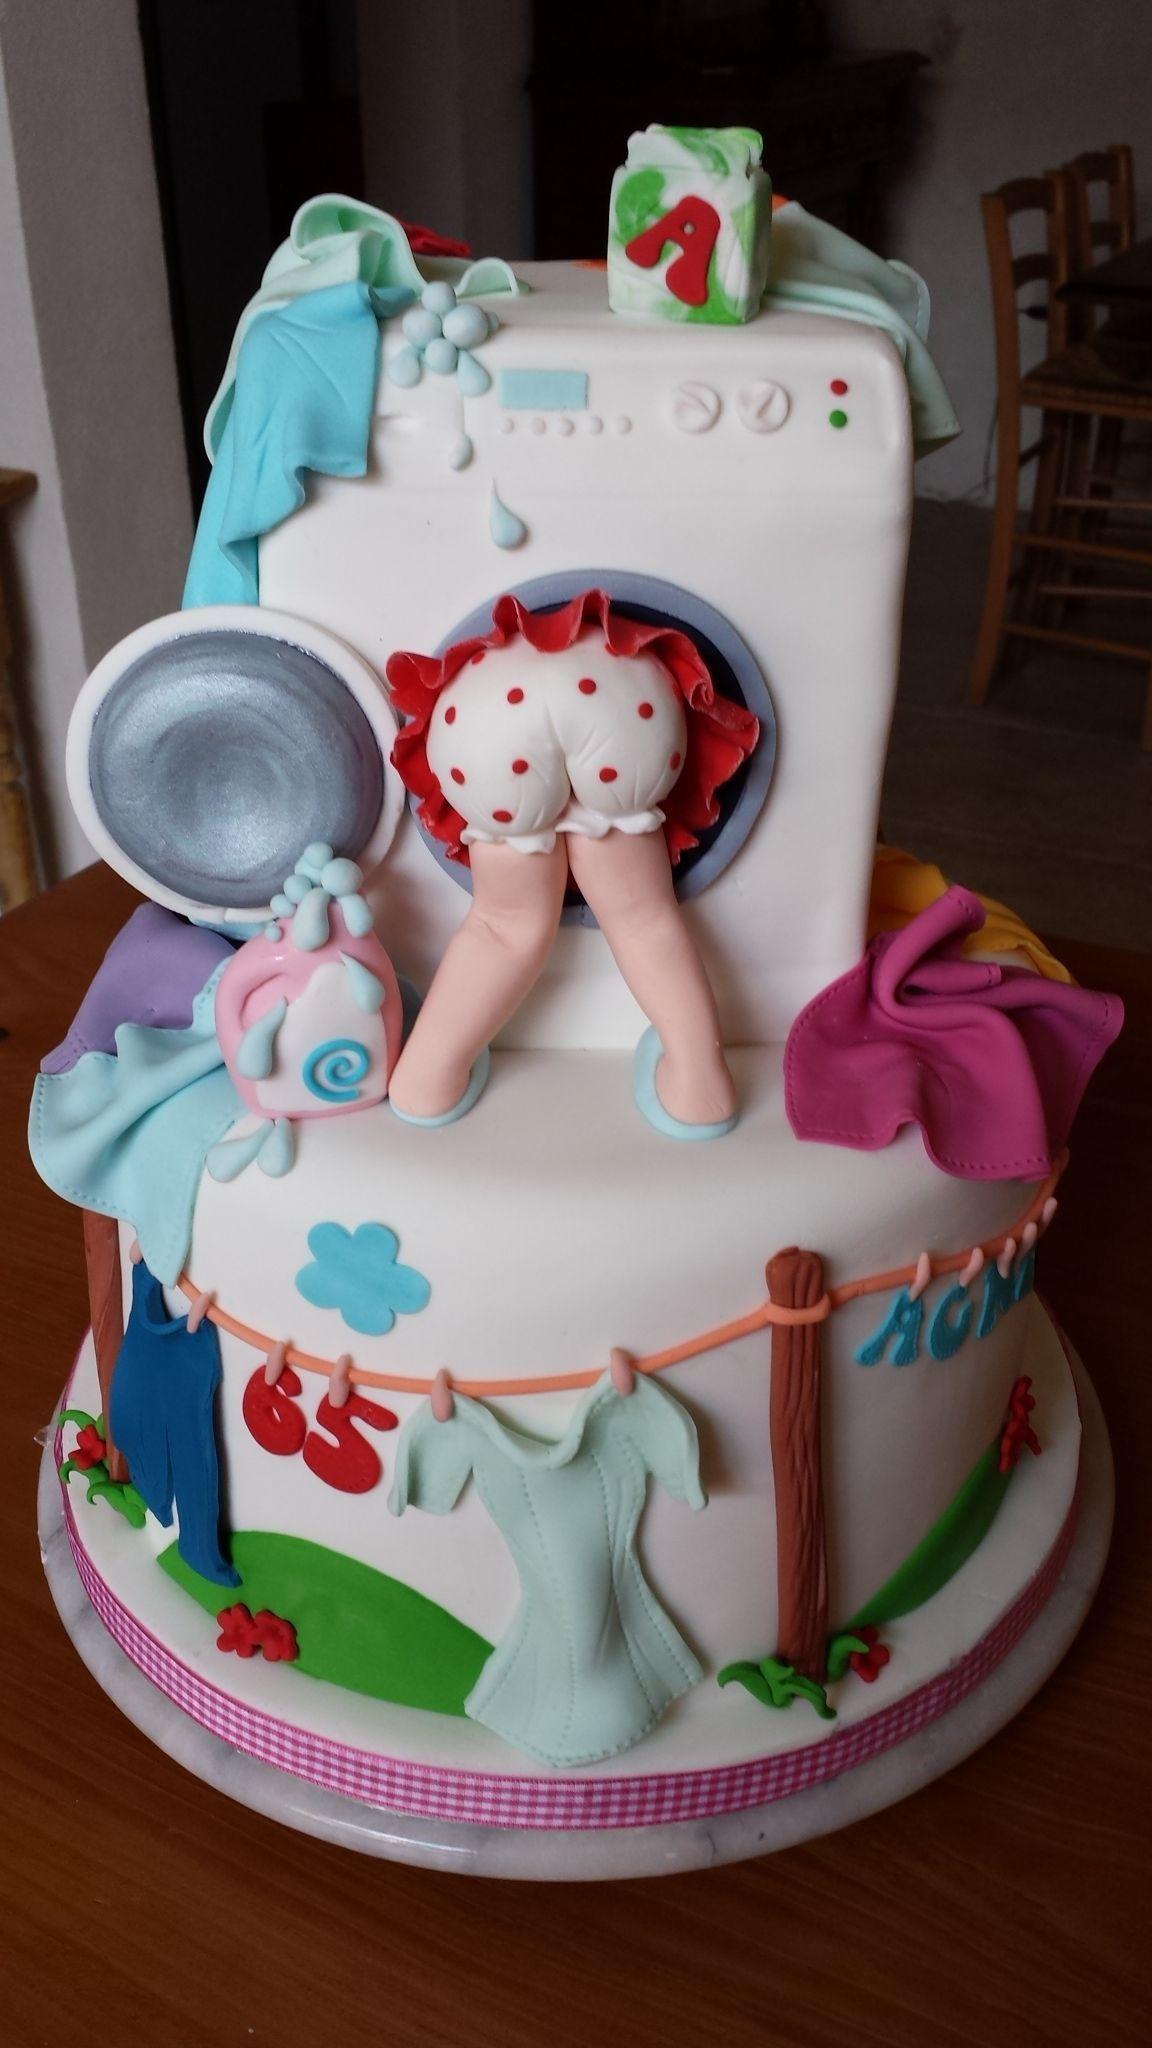 Kecoachonline sharinglaundry cake cake pinterest